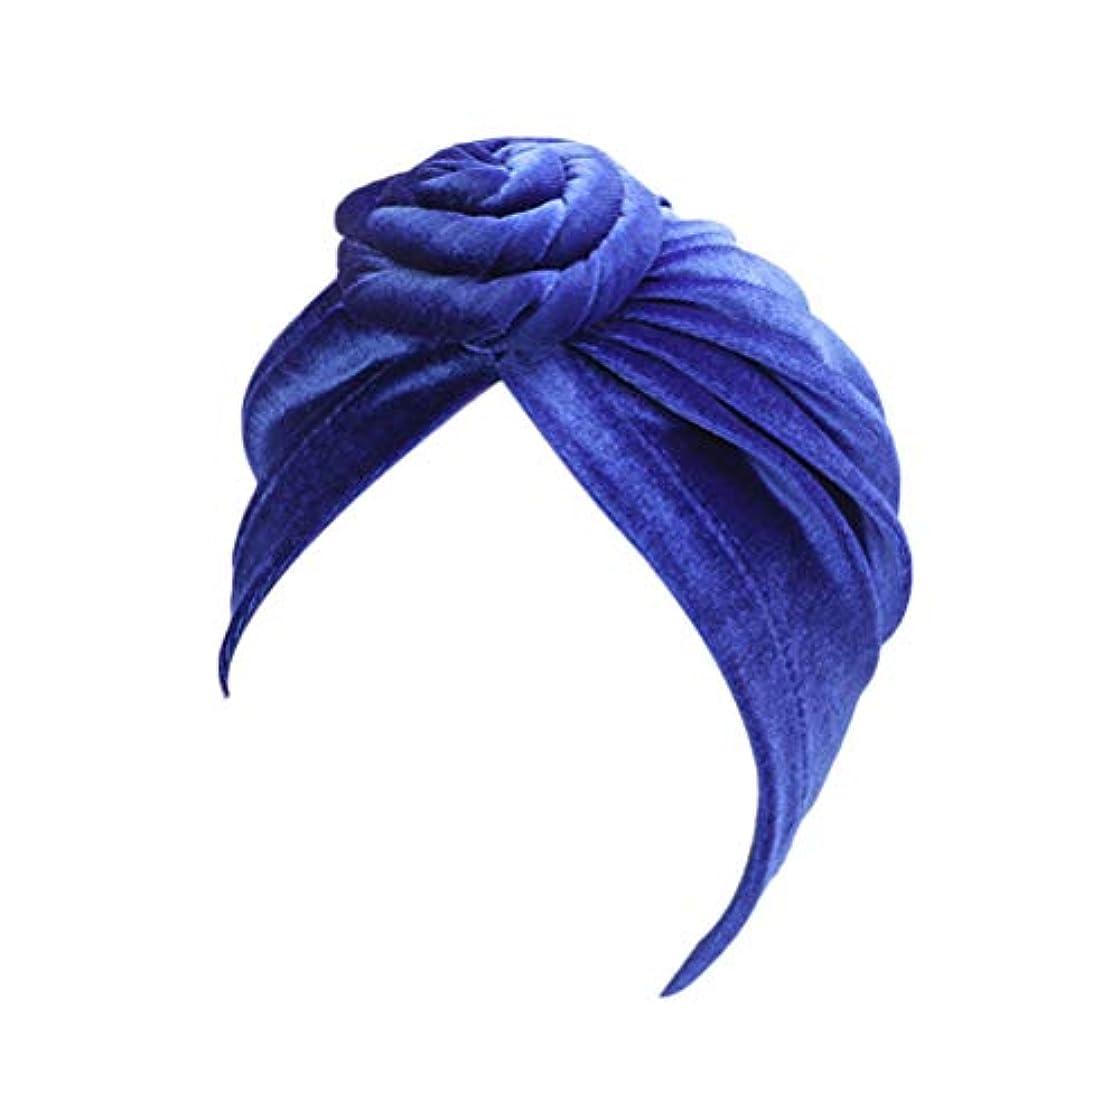 クリップ弾薬おっとHealifty 睡眠ナイトキャップ花装飾ワイドバンドボンネットナイトヘッドカバーソフトヘアターバン女性用ヘアビューティーケアキャップ(ブルー)